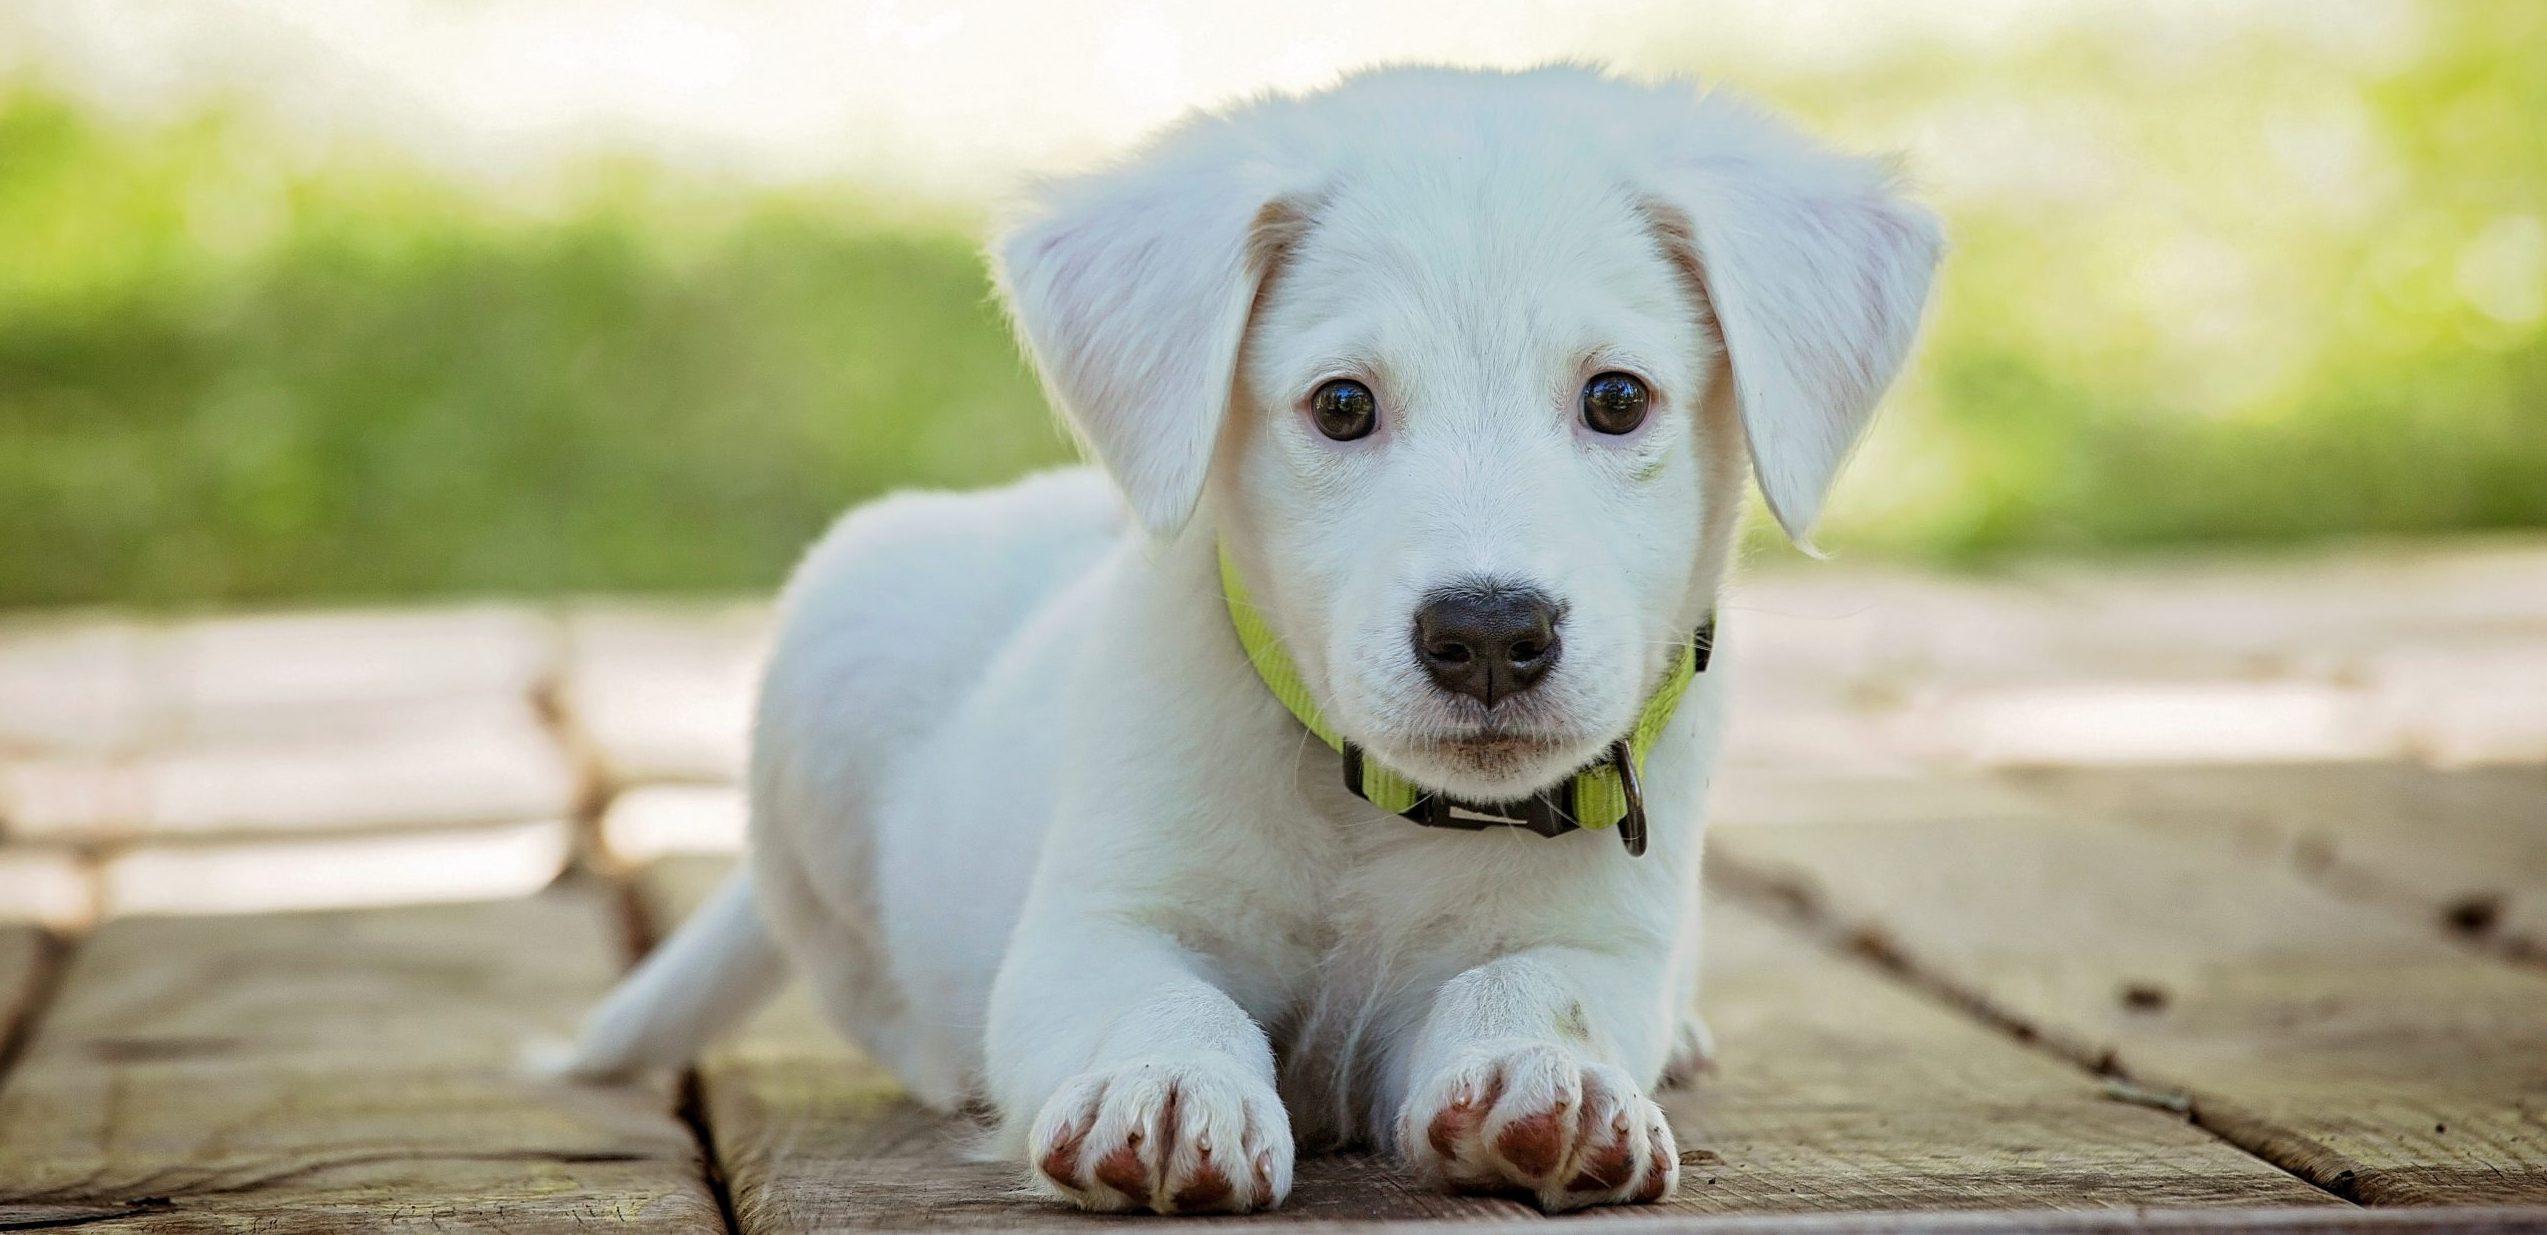 puppy wellness kenosha, puppy veterinarian kenosha, puppy animal hospital kenosha